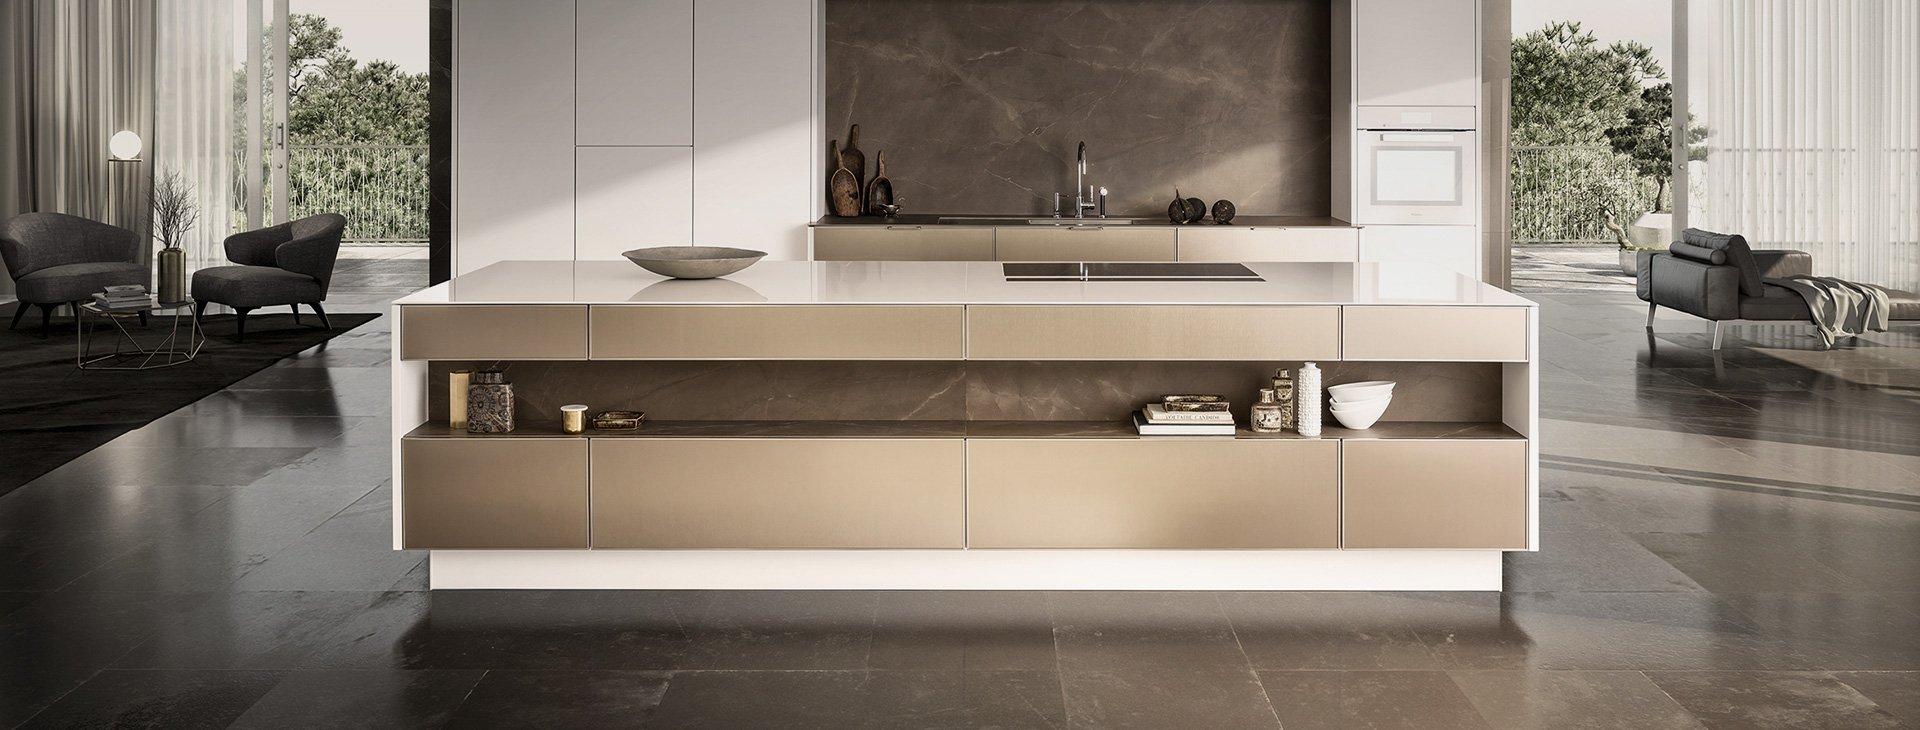 siematic ihre stores im stilwerk berlin. Black Bedroom Furniture Sets. Home Design Ideas